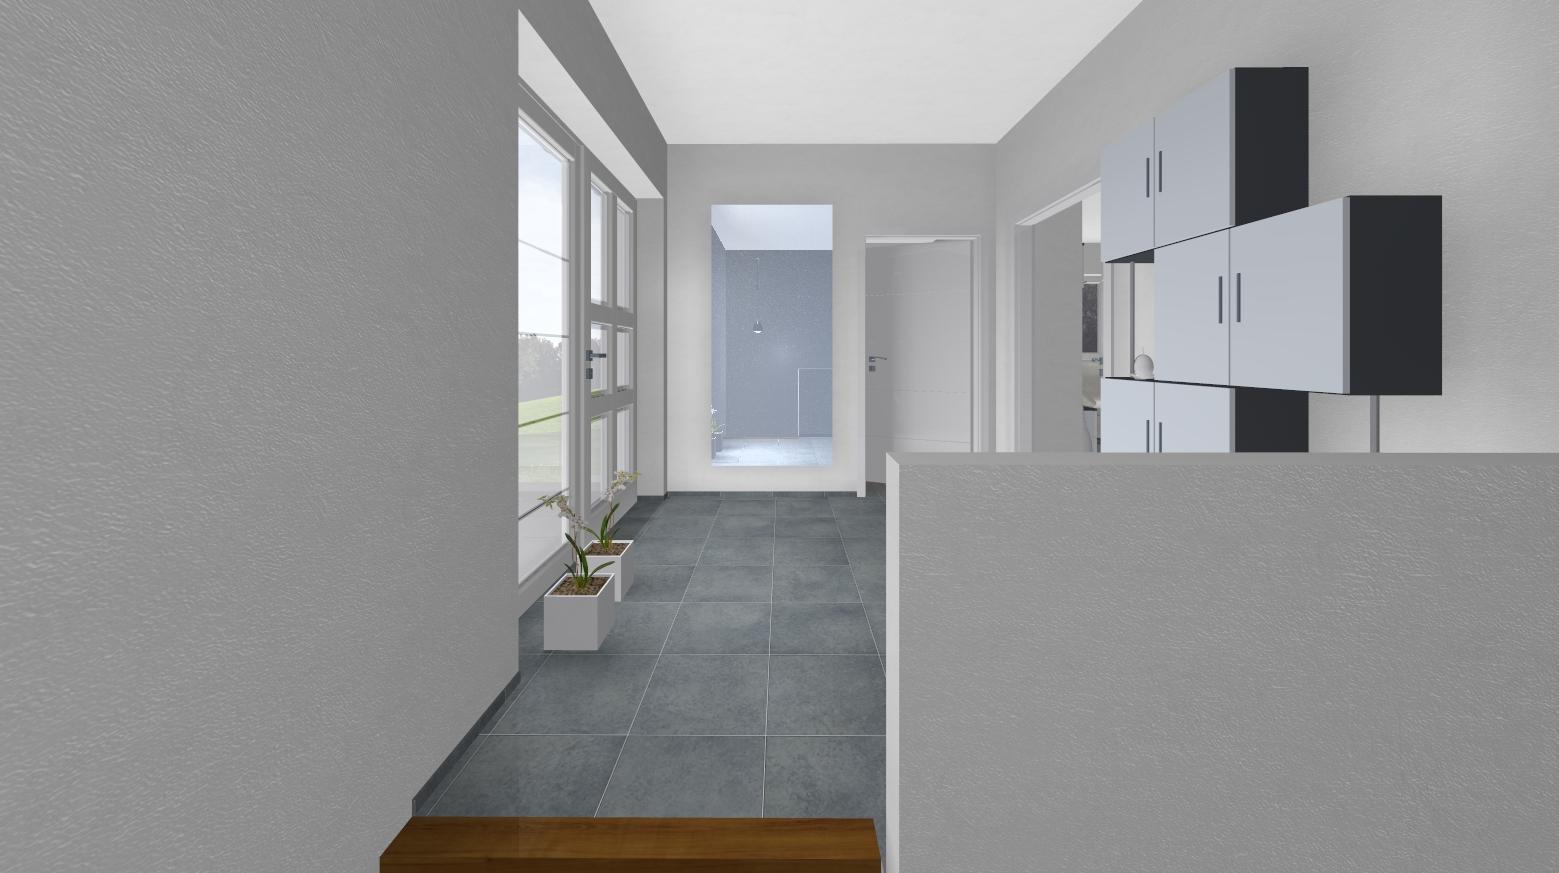 3 D Visualisierung | Bauvorhaben artos-haus.de